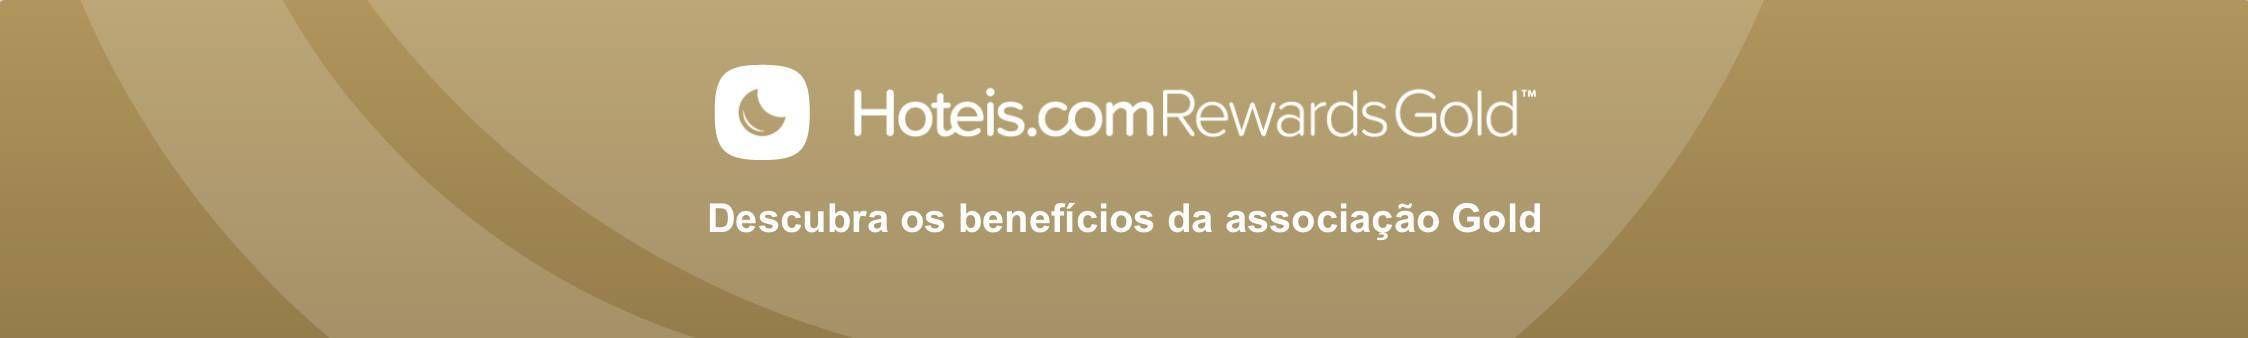 hoteis.com rewards gold